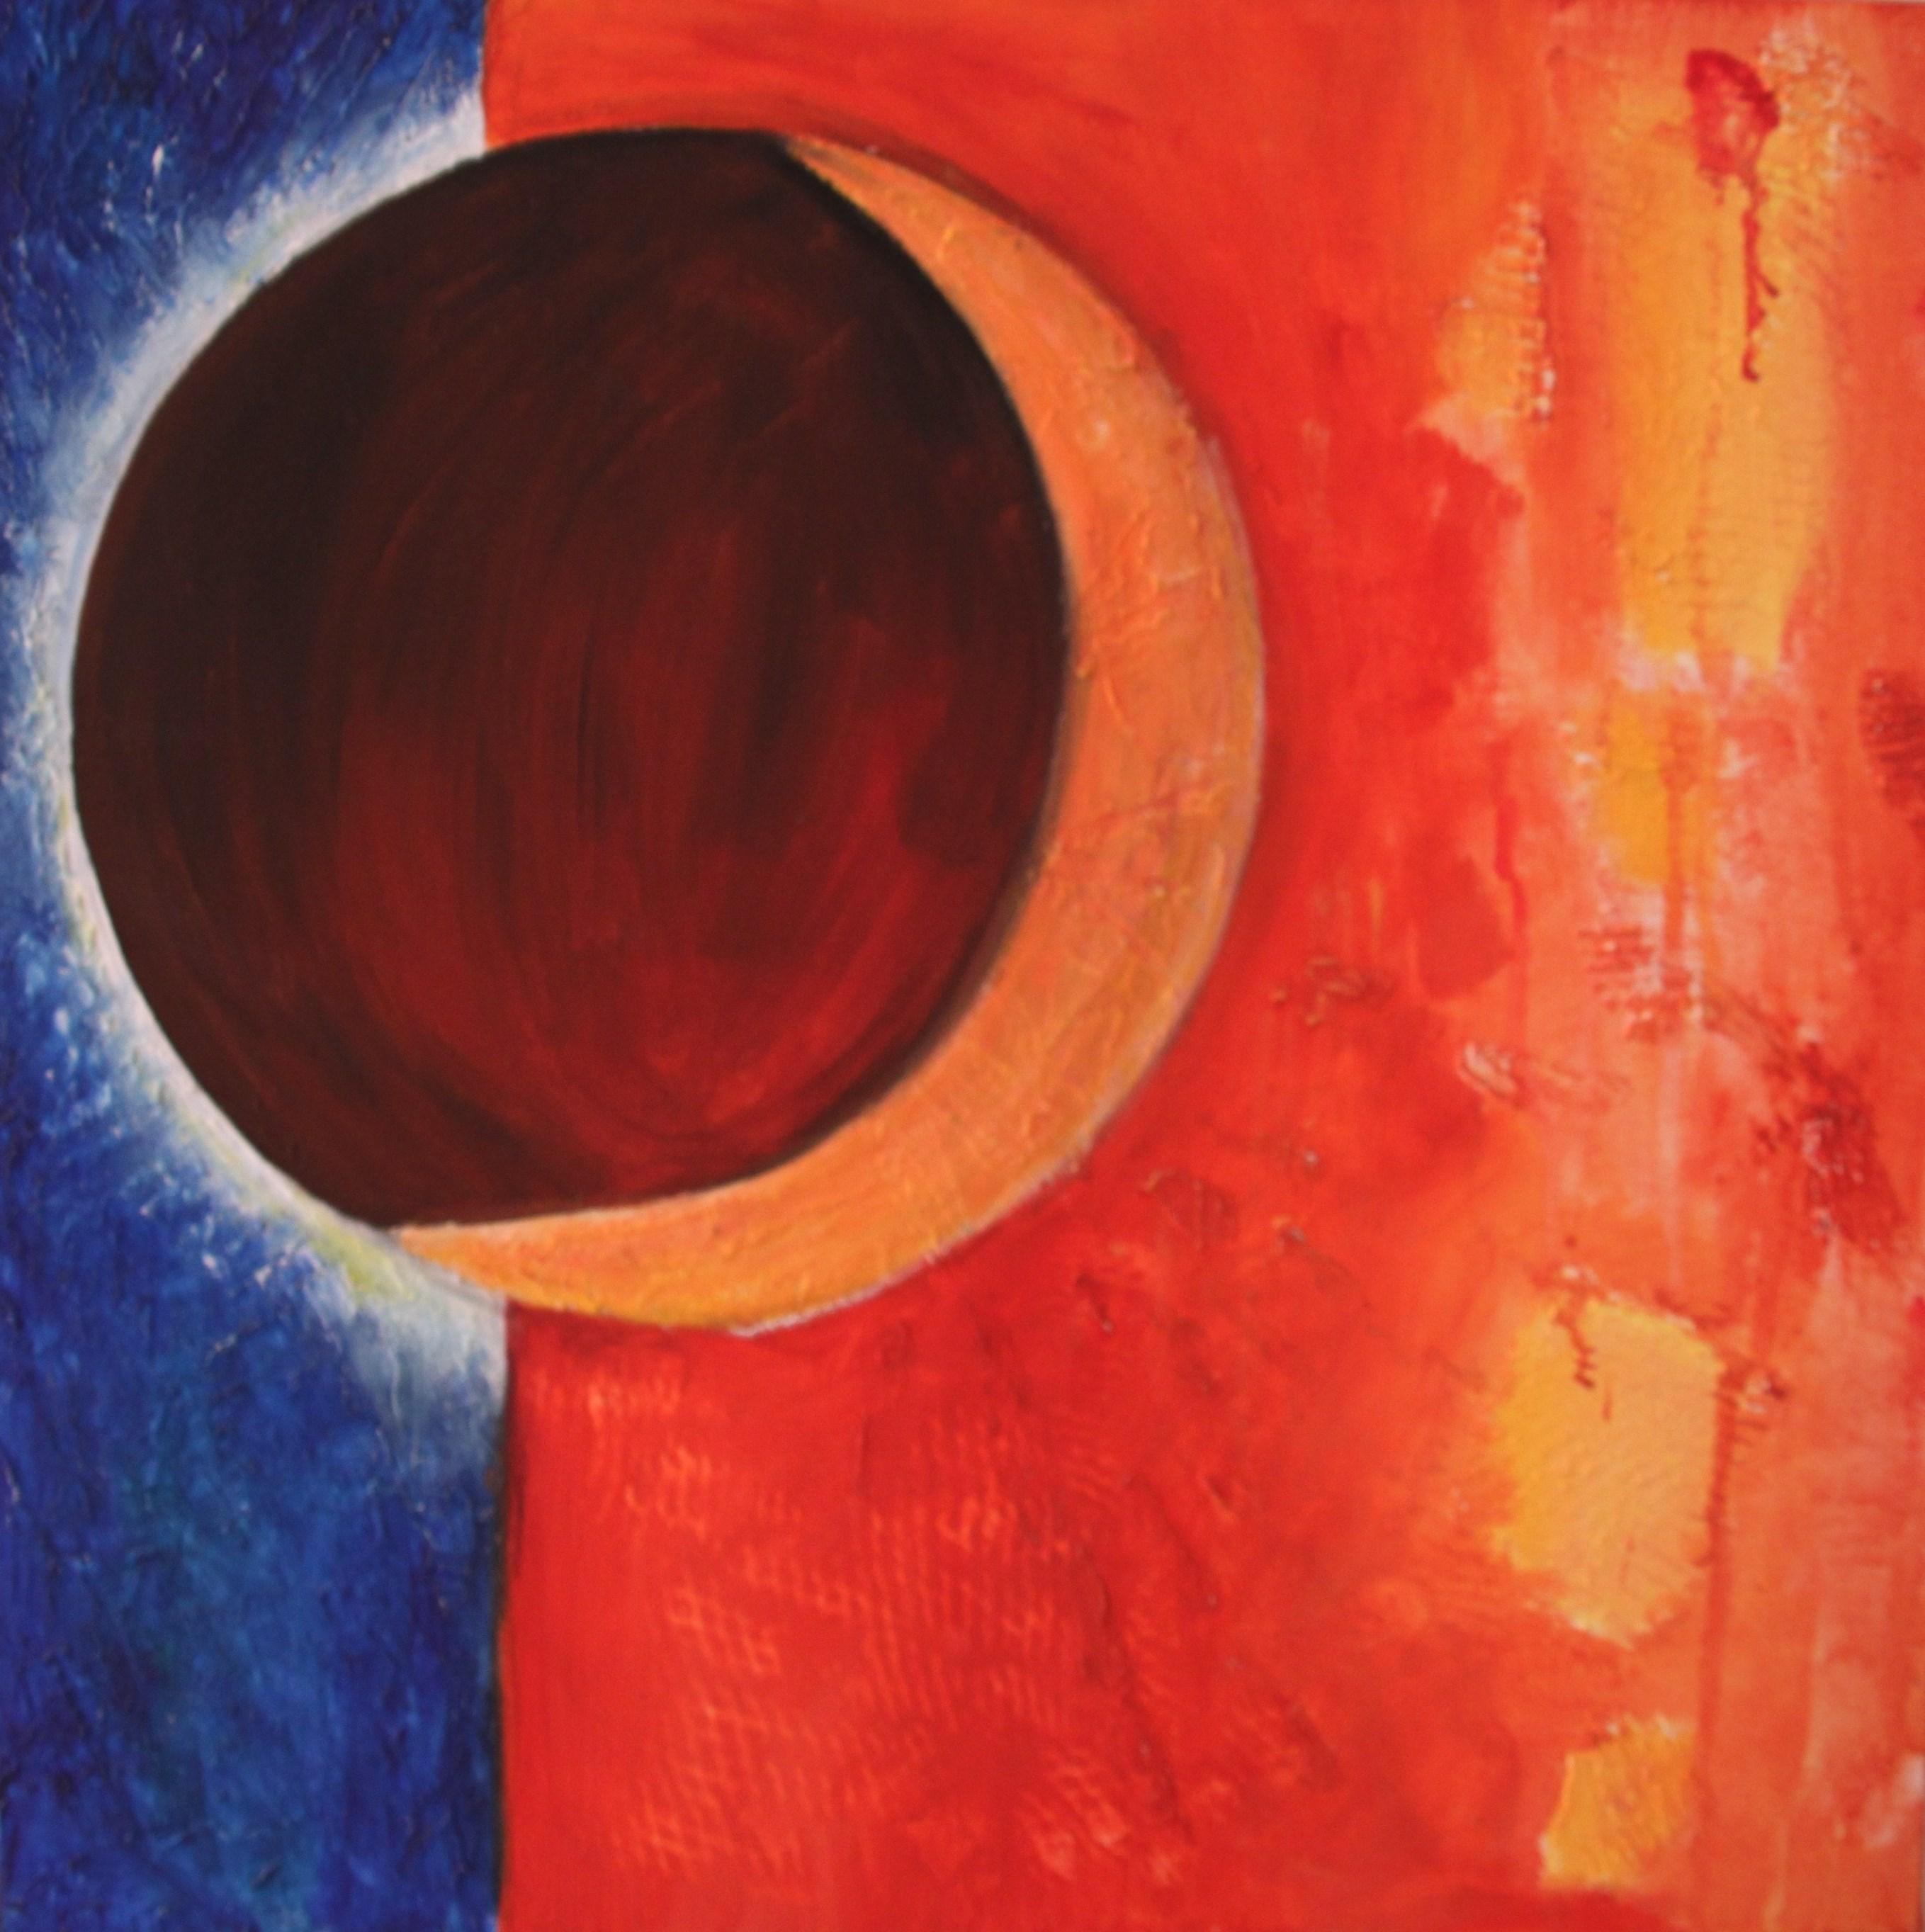 Eclipse 1 (2006)